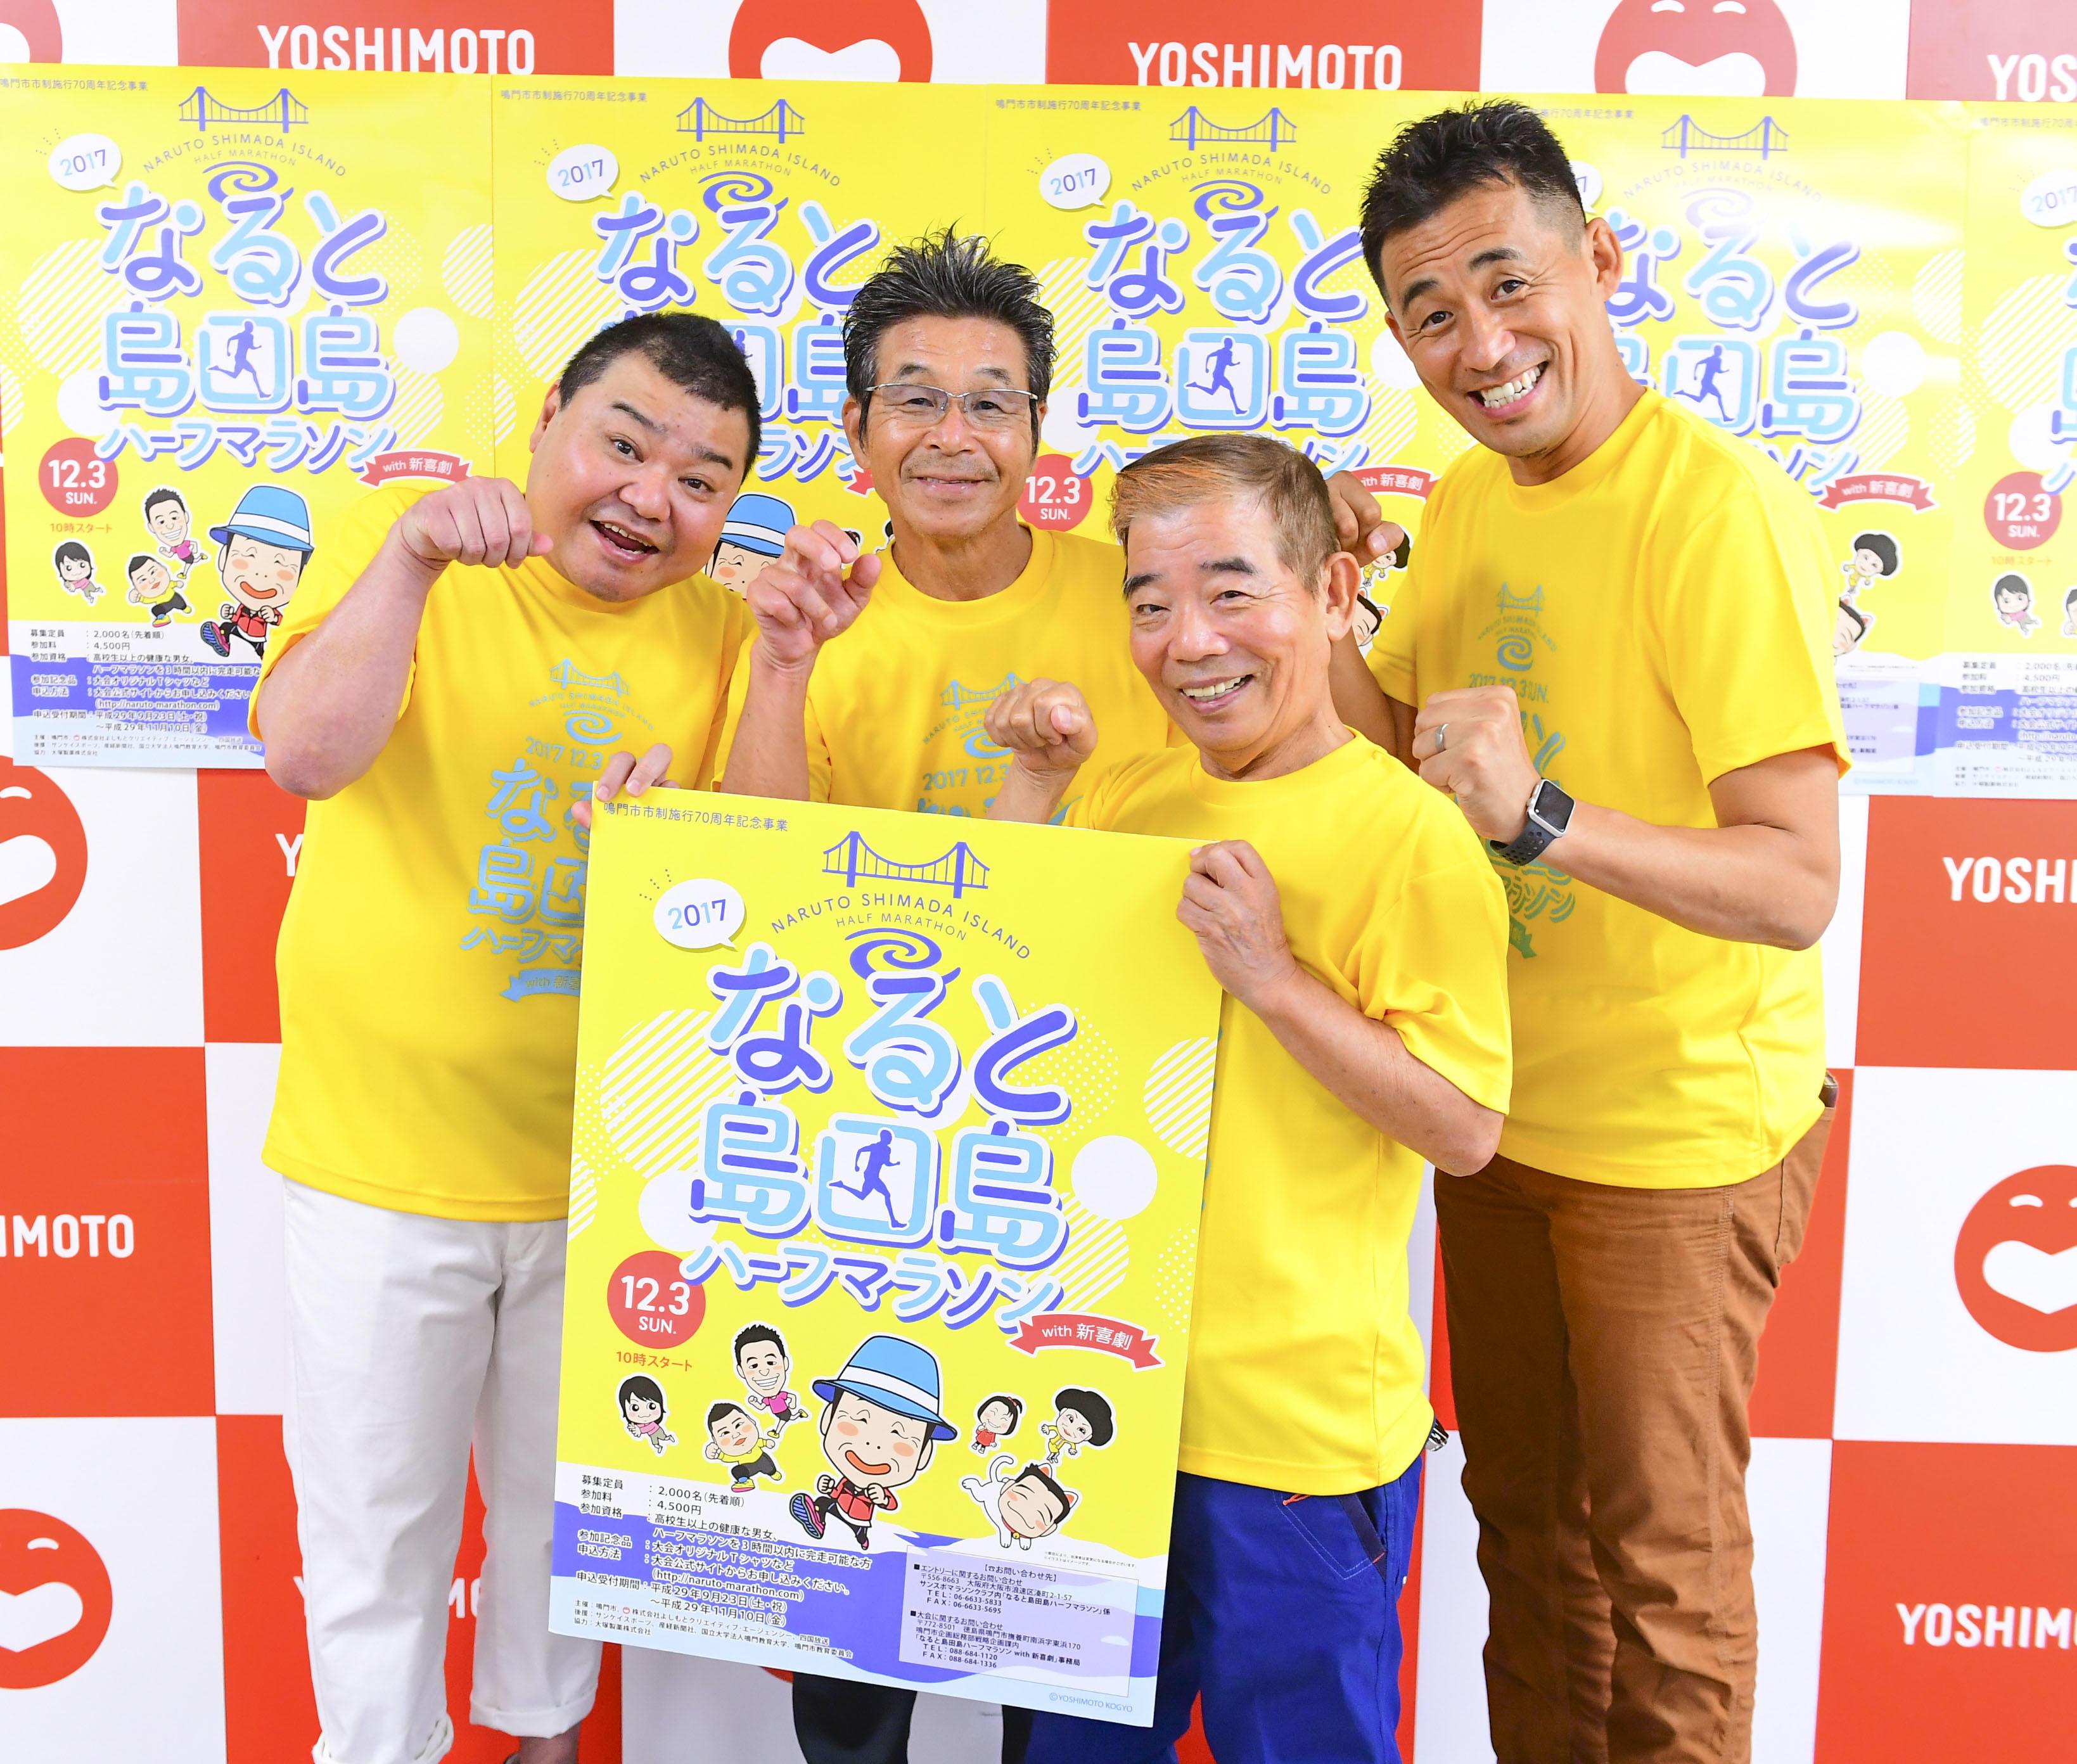 http://news.yoshimoto.co.jp/20170911181502-b45c6c4a10c4963016cf63d0f6d3e3ff6167b731.jpg